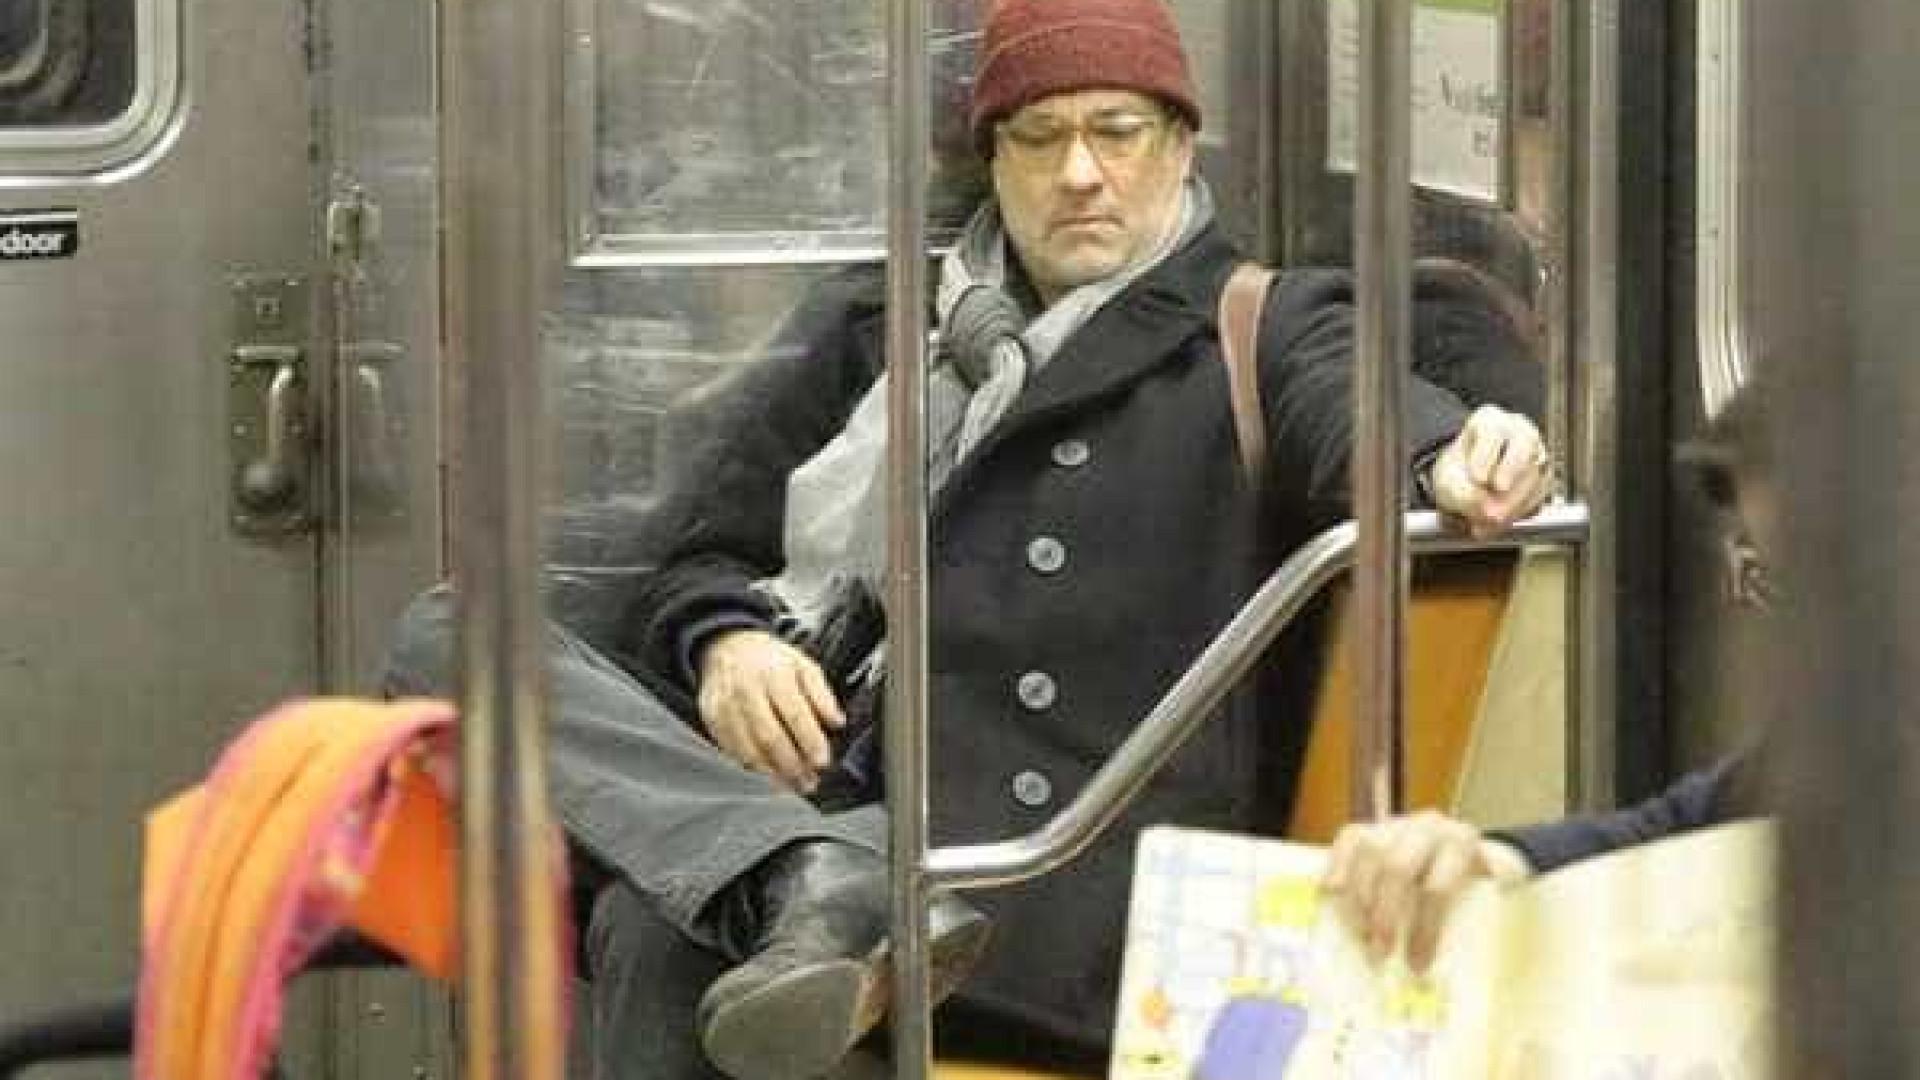 Conheça os famosos que andam de metrô em NY